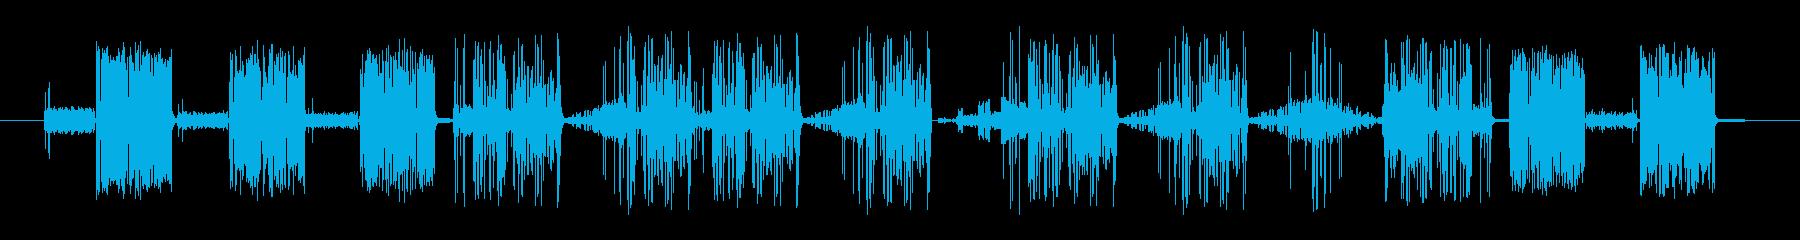 奇数Staticvoxスワイプ2の再生済みの波形